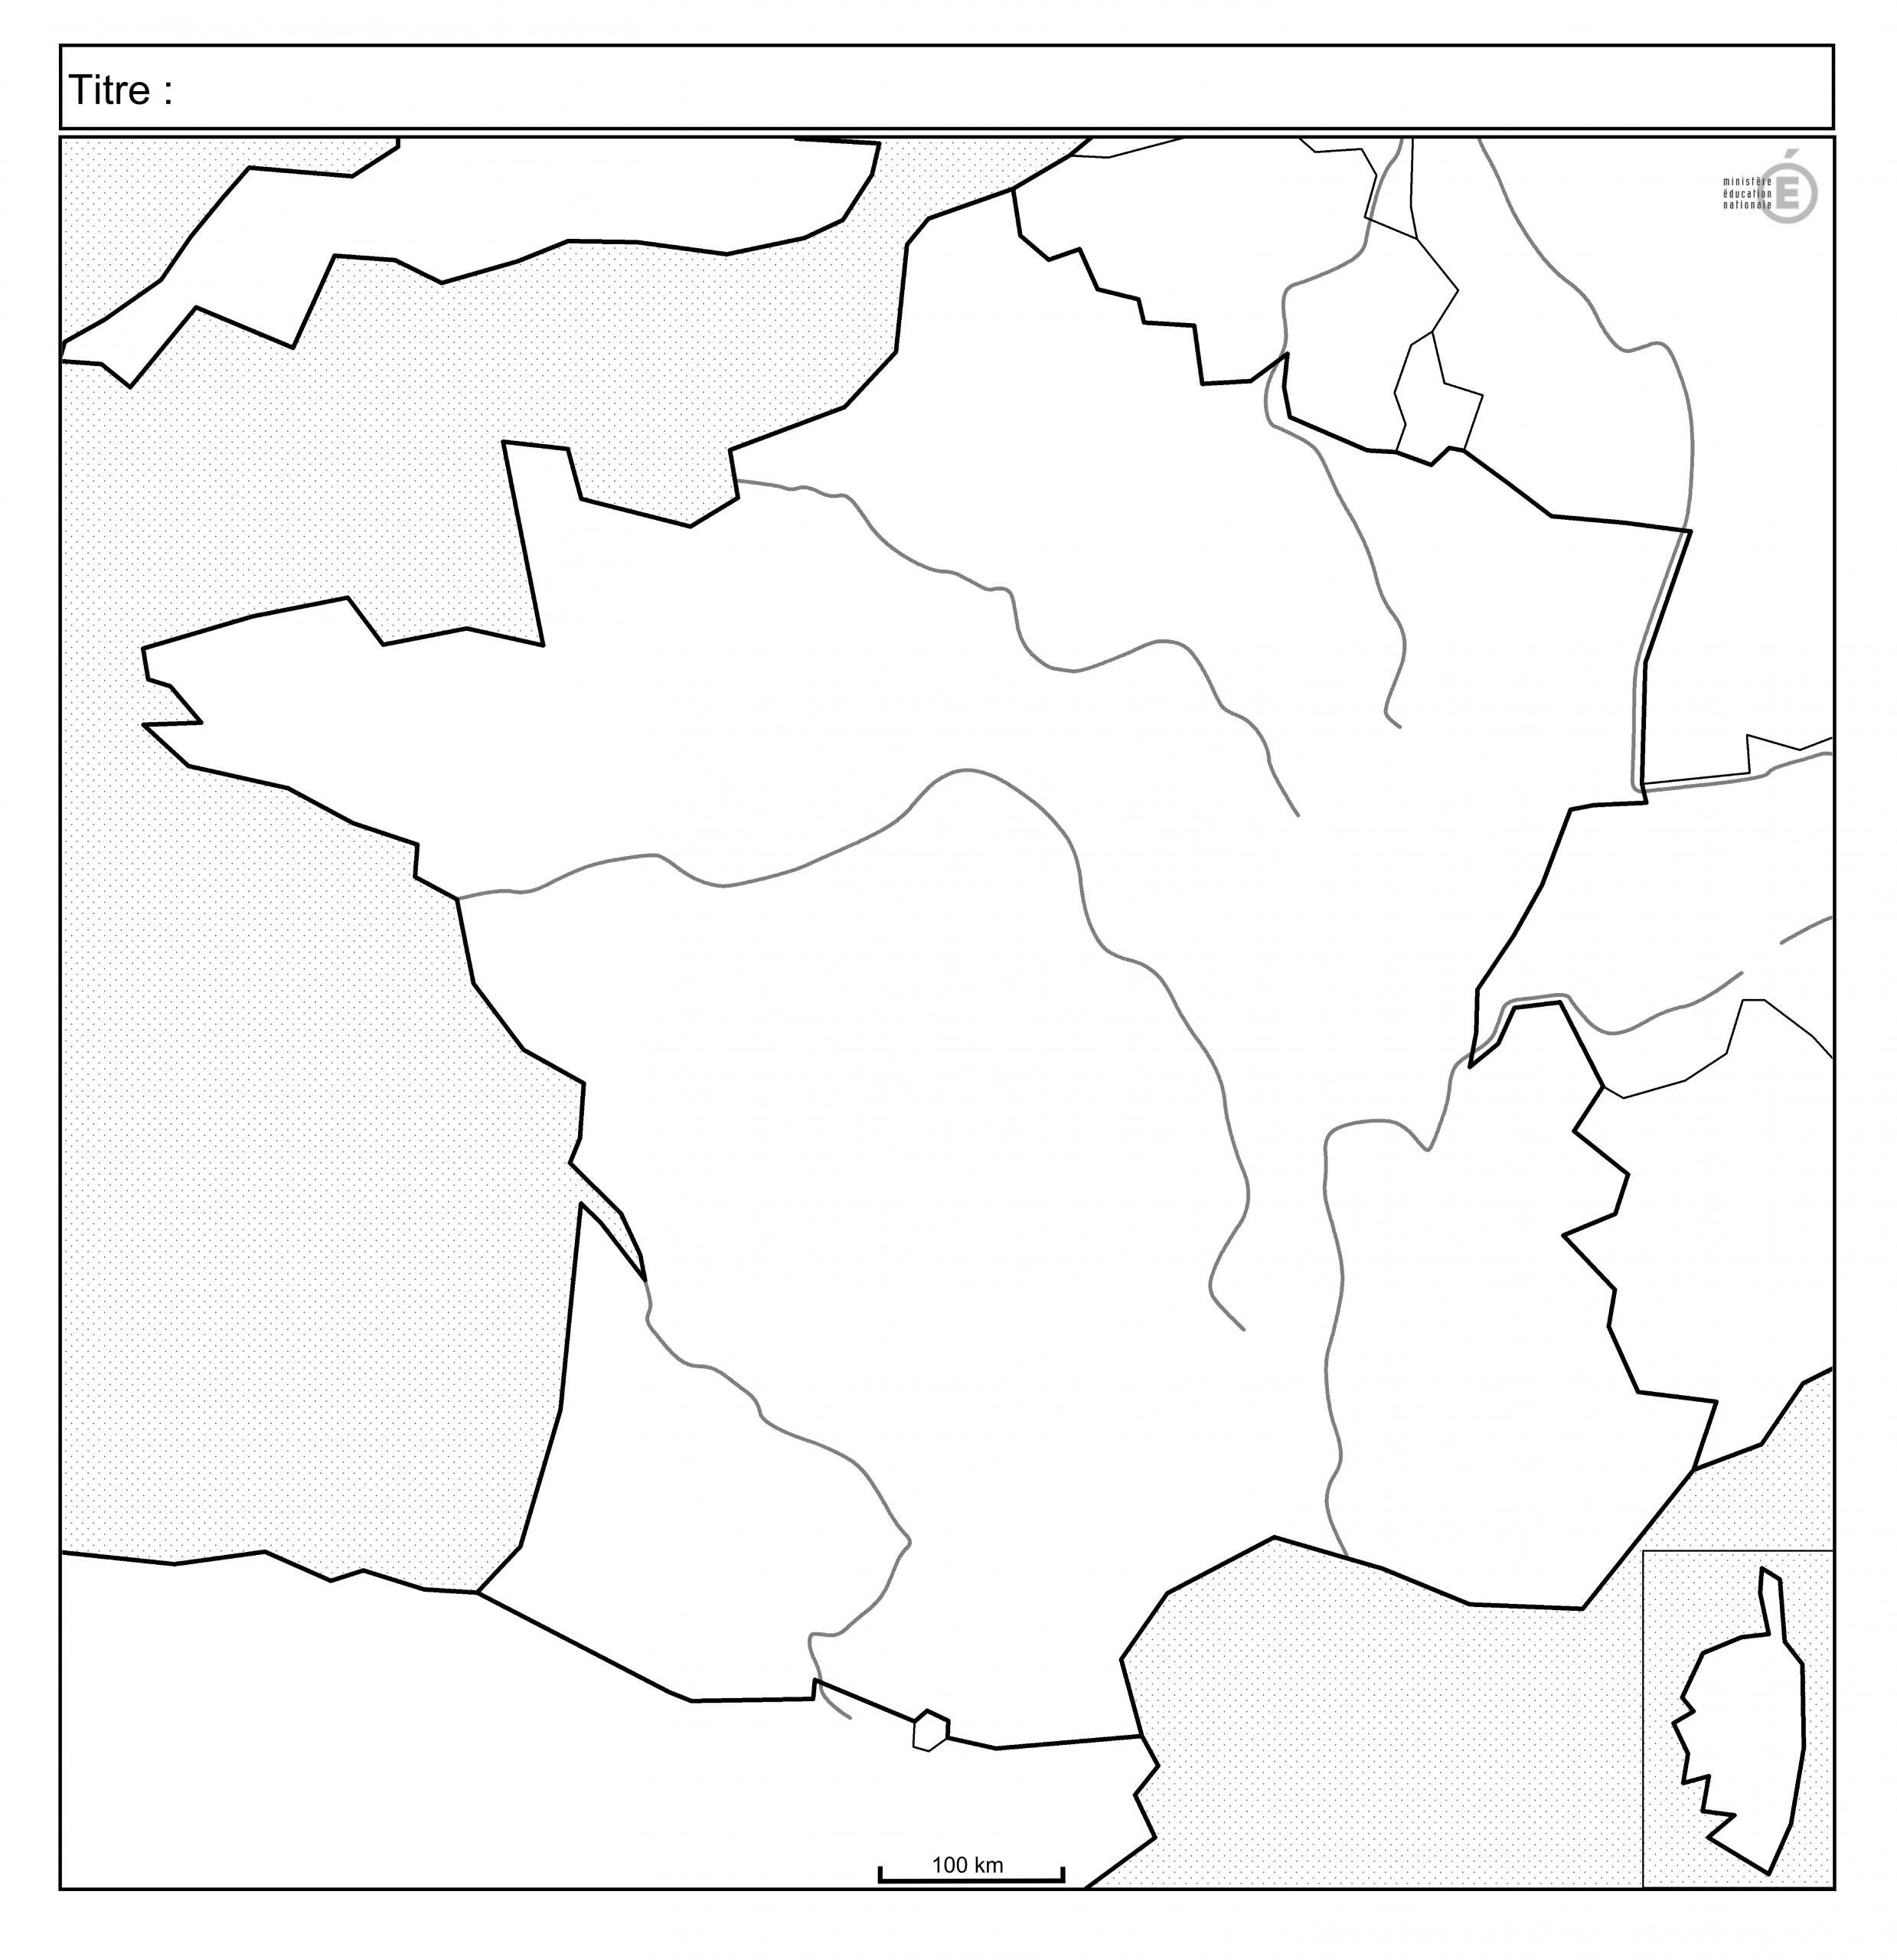 Fonds De Carte - Histoire-Géographie - Éduscol dedans Carte Des Régions De France Vierge